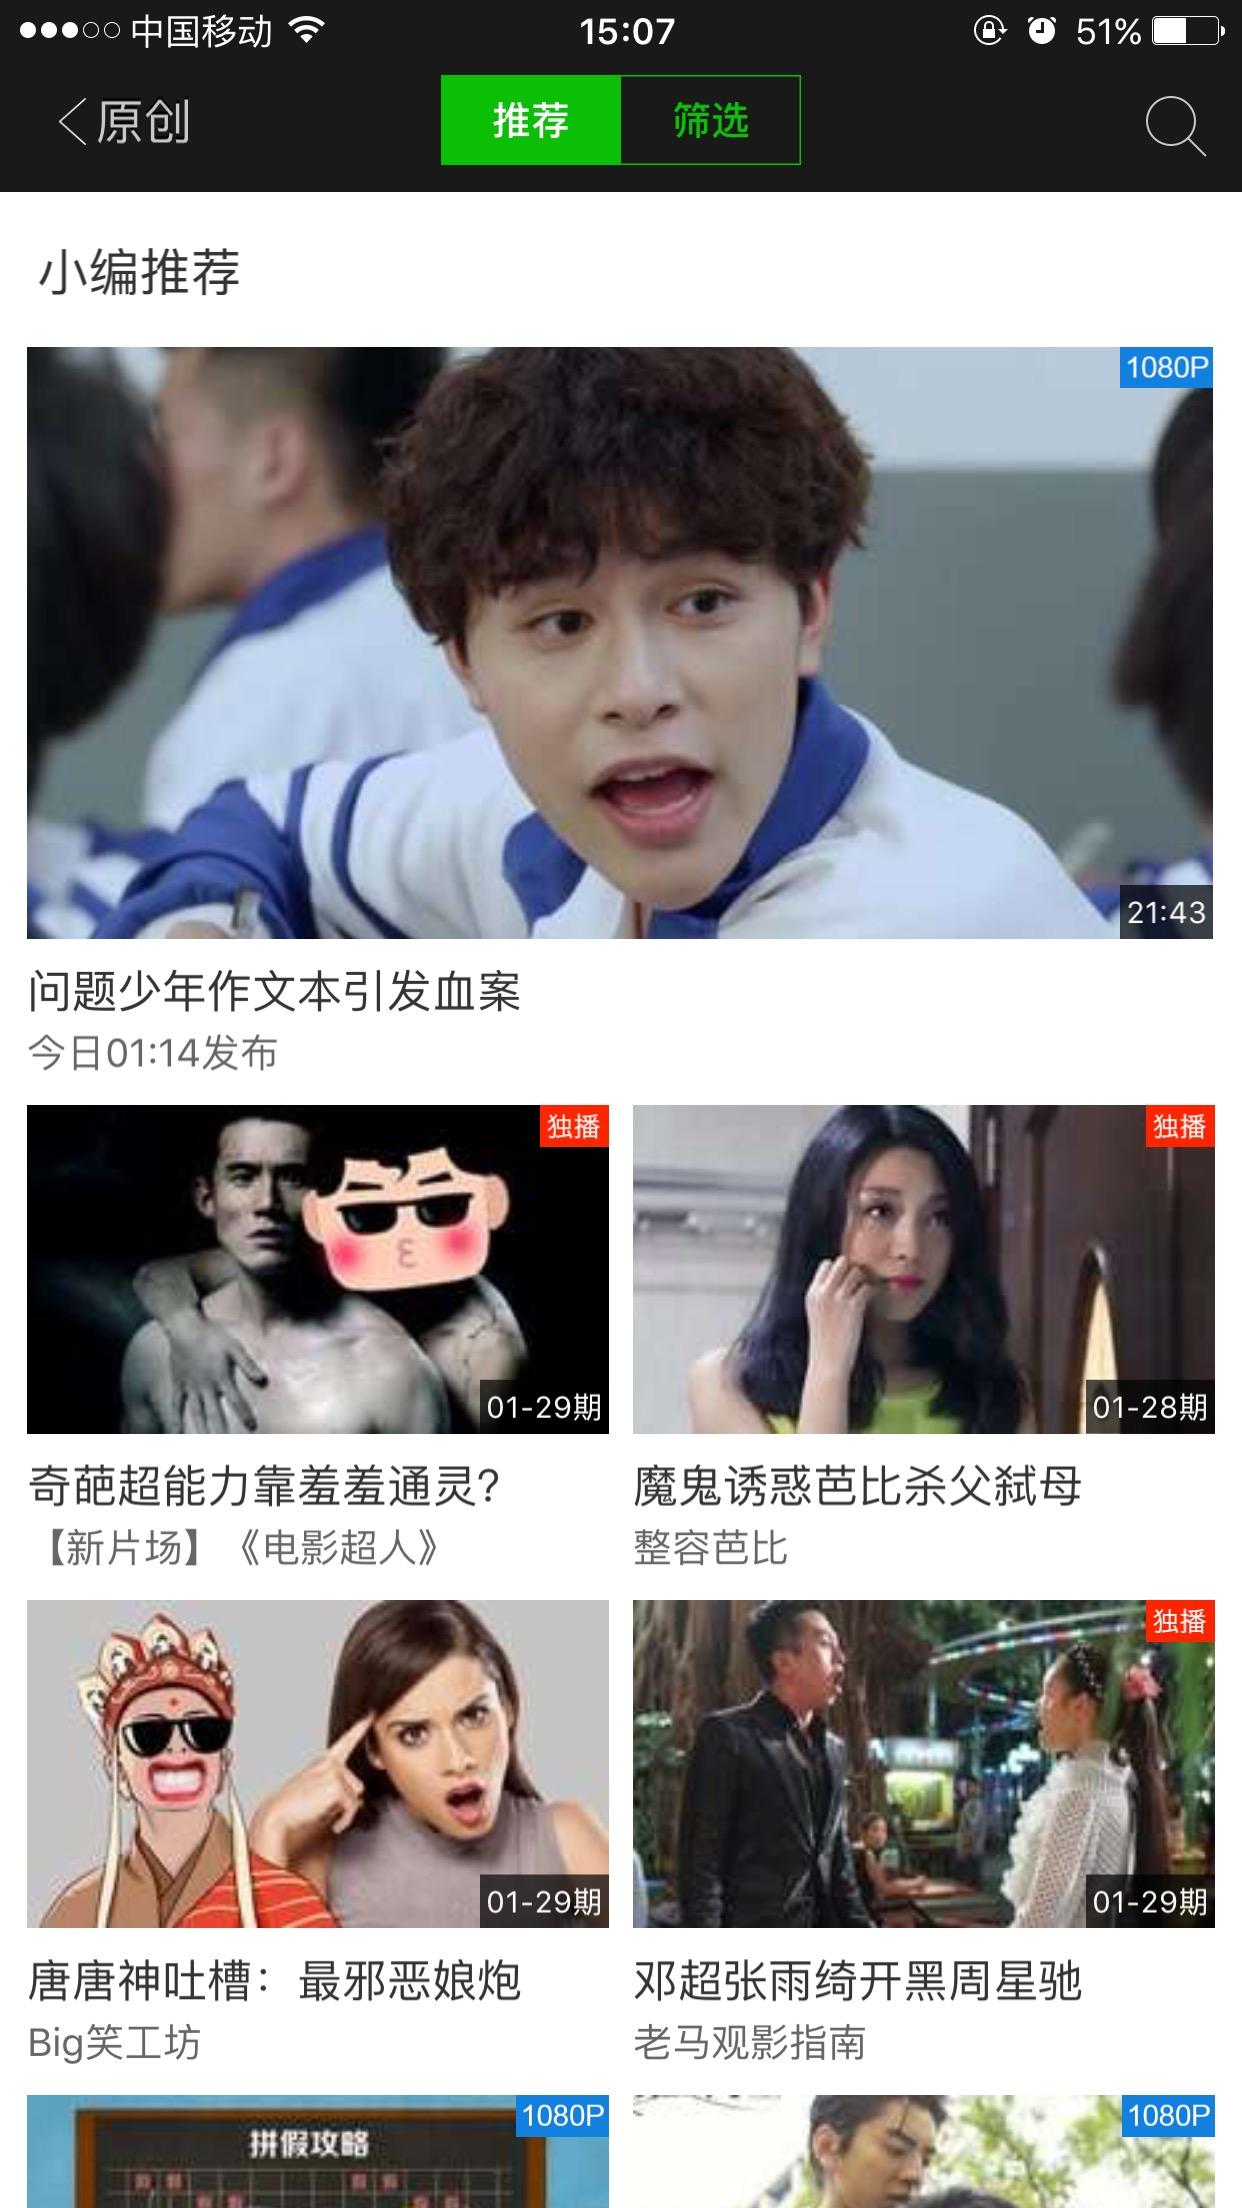 爱奇艺app原创频道